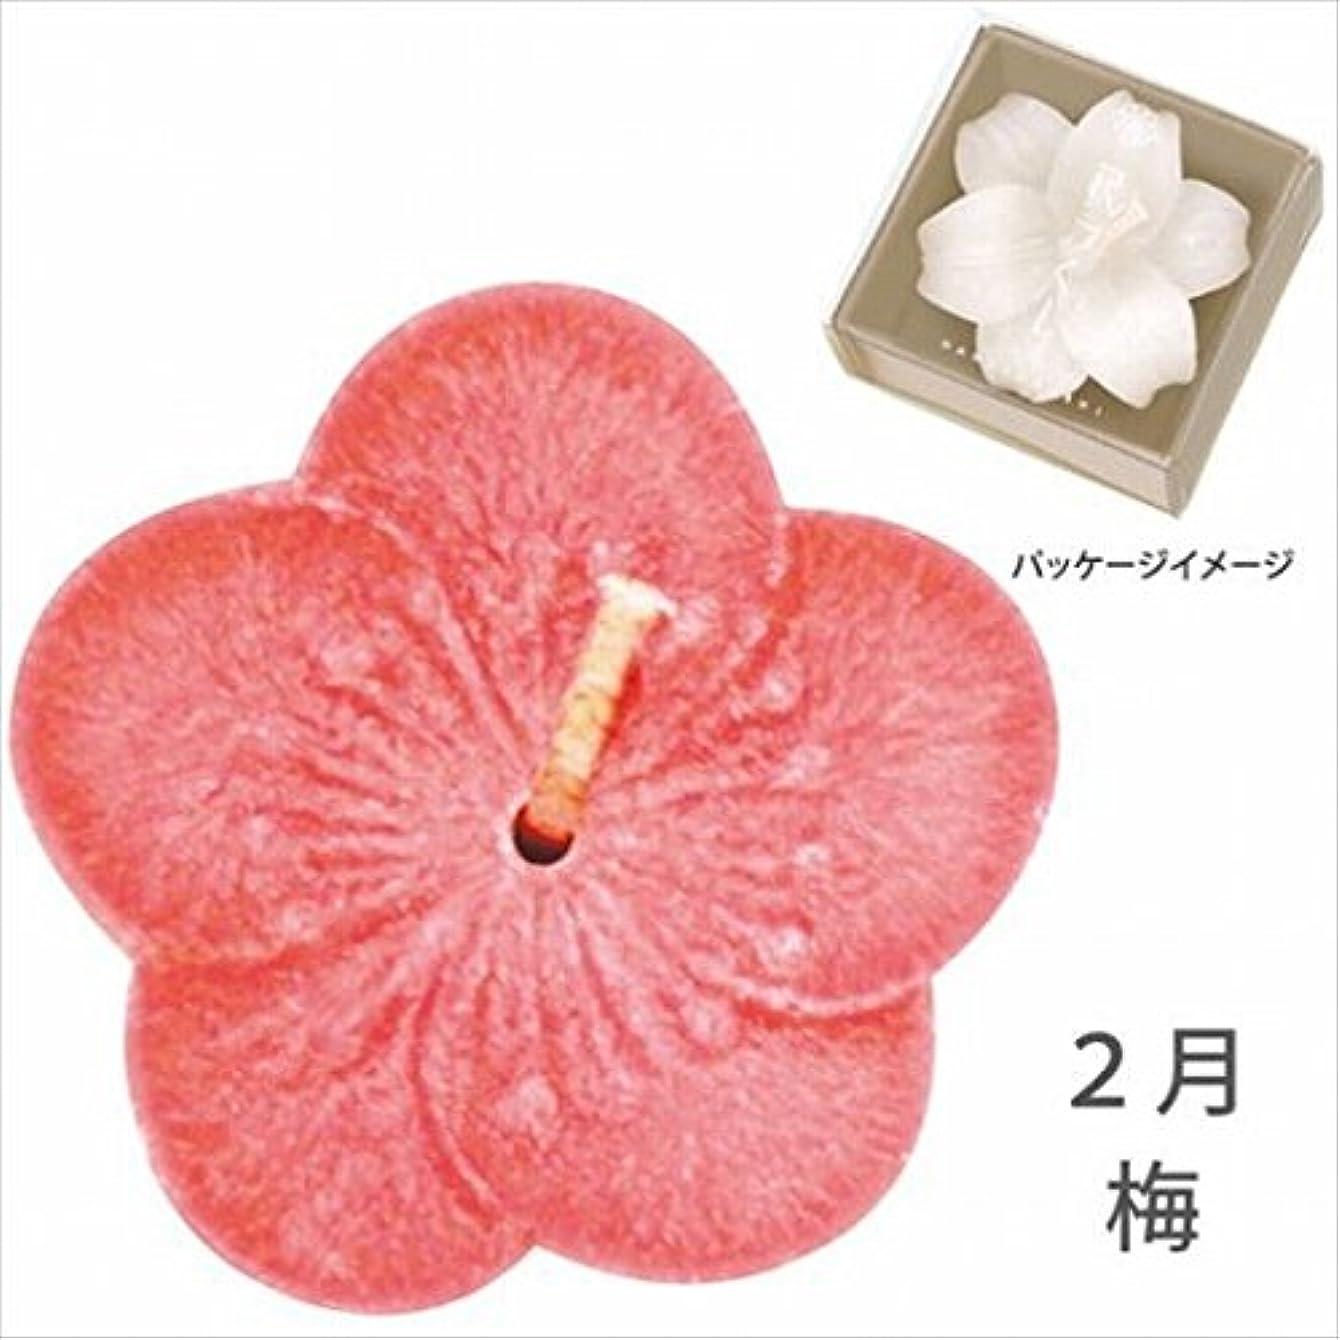 要旨傷つきやすい政治的カメヤマキャンドル( kameyama candle ) 花づくし(植物性) 梅 「 梅(2月) 」 キャンドル